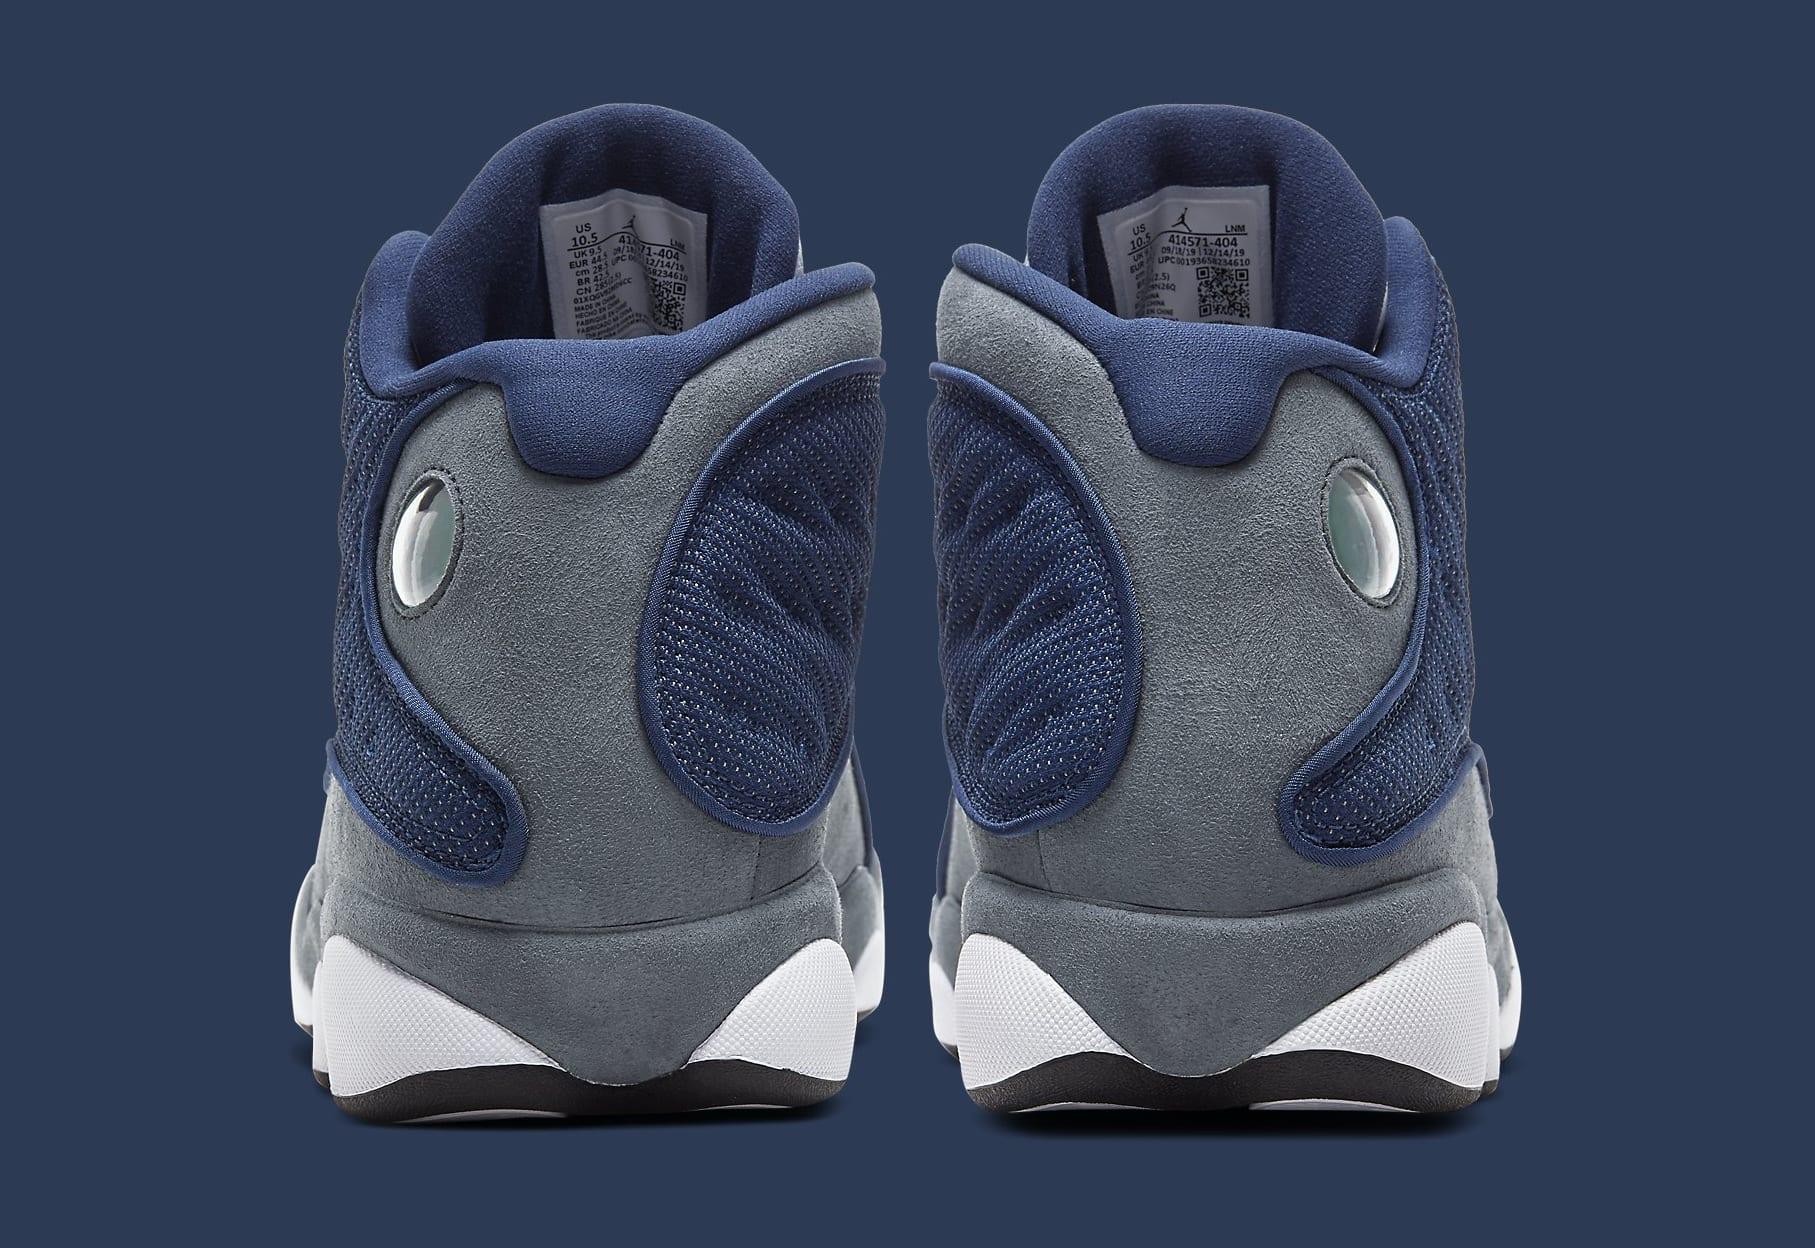 Air Jordan 13 Retro 'Flint' 414571-404 Heel